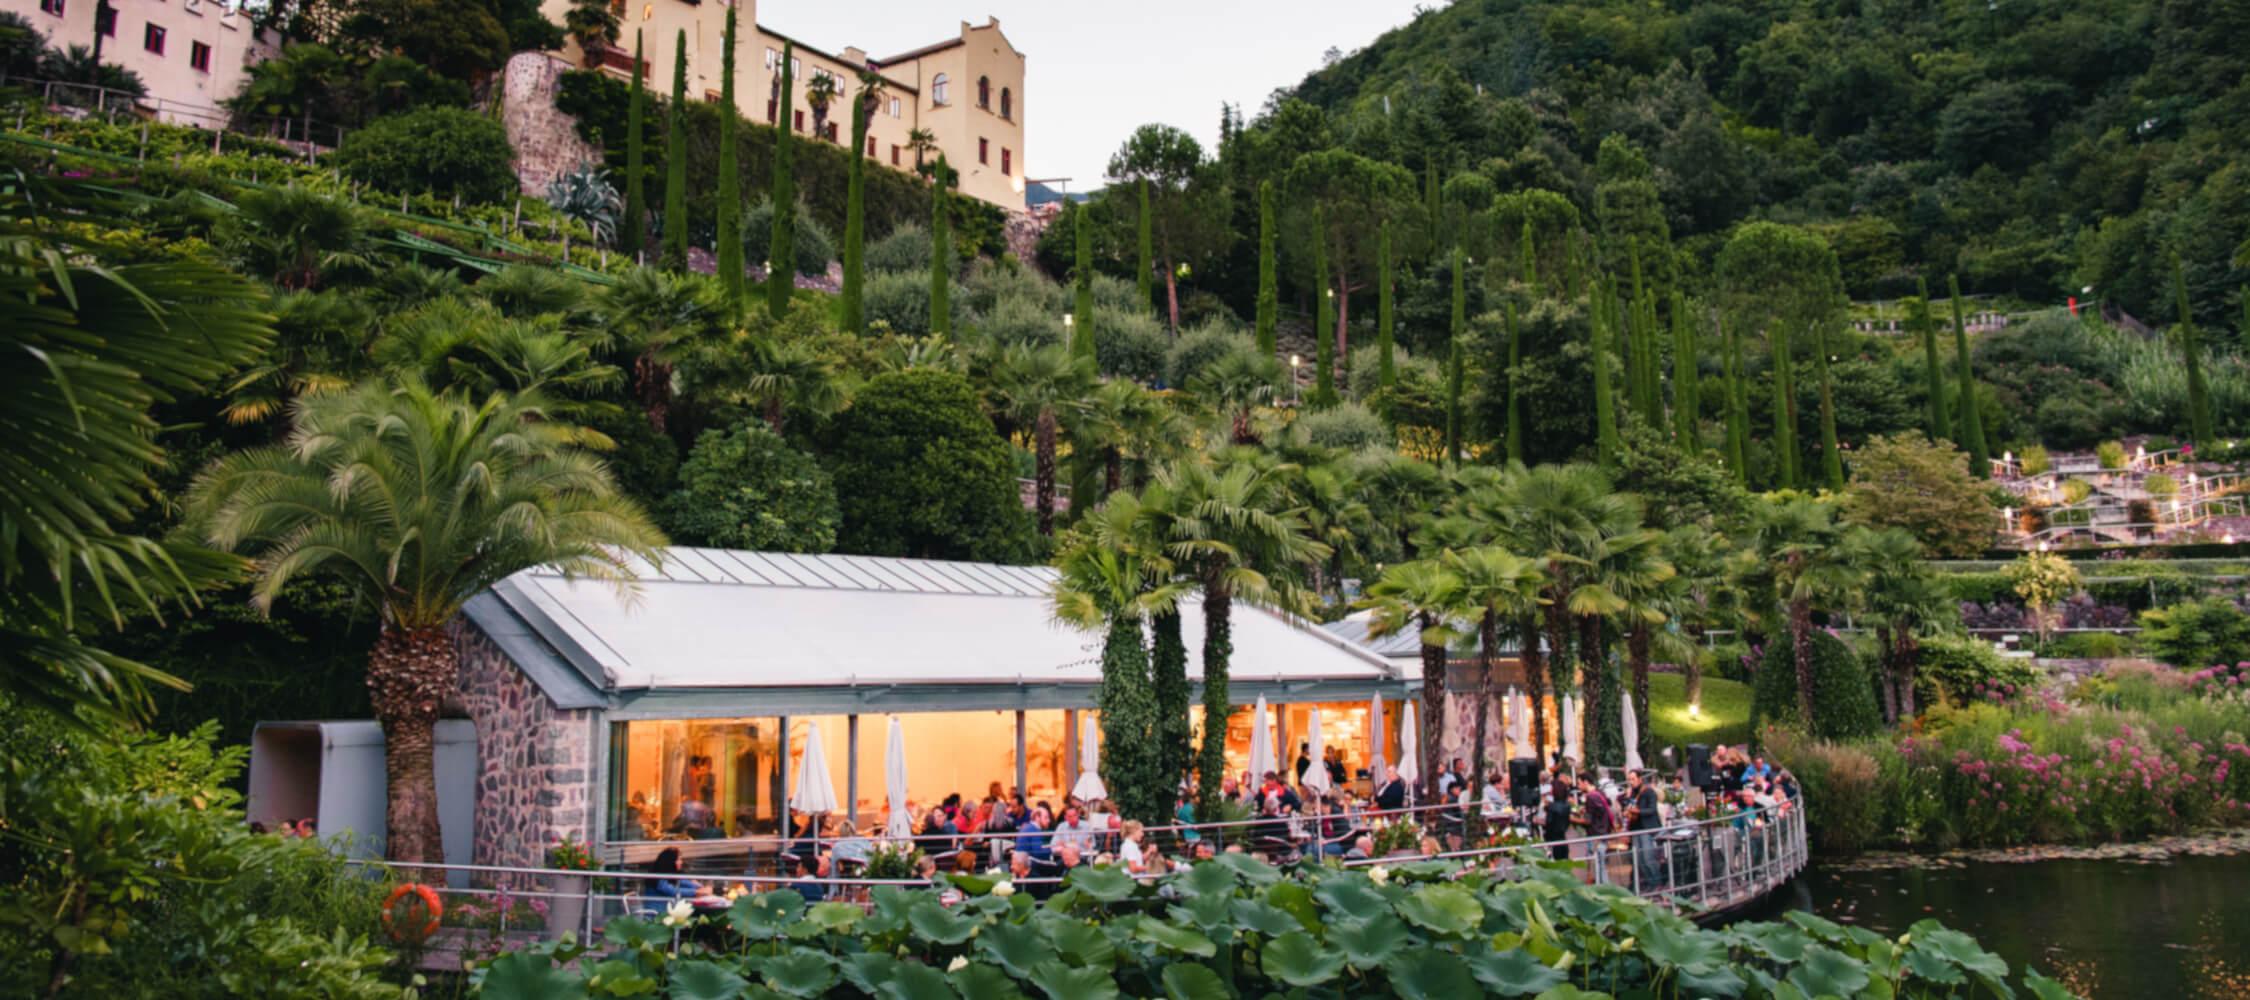 Italien-Trentino_Suedtirol_Alto_Adige_Merano_Meran_Natur_Besichtigen_Botanischer_Garten_Gaerten_von_Schloss_Trauttmansdorff_Abend_Aperitif_Trauttmansdorf_LQ-5_03_03_2250x1000